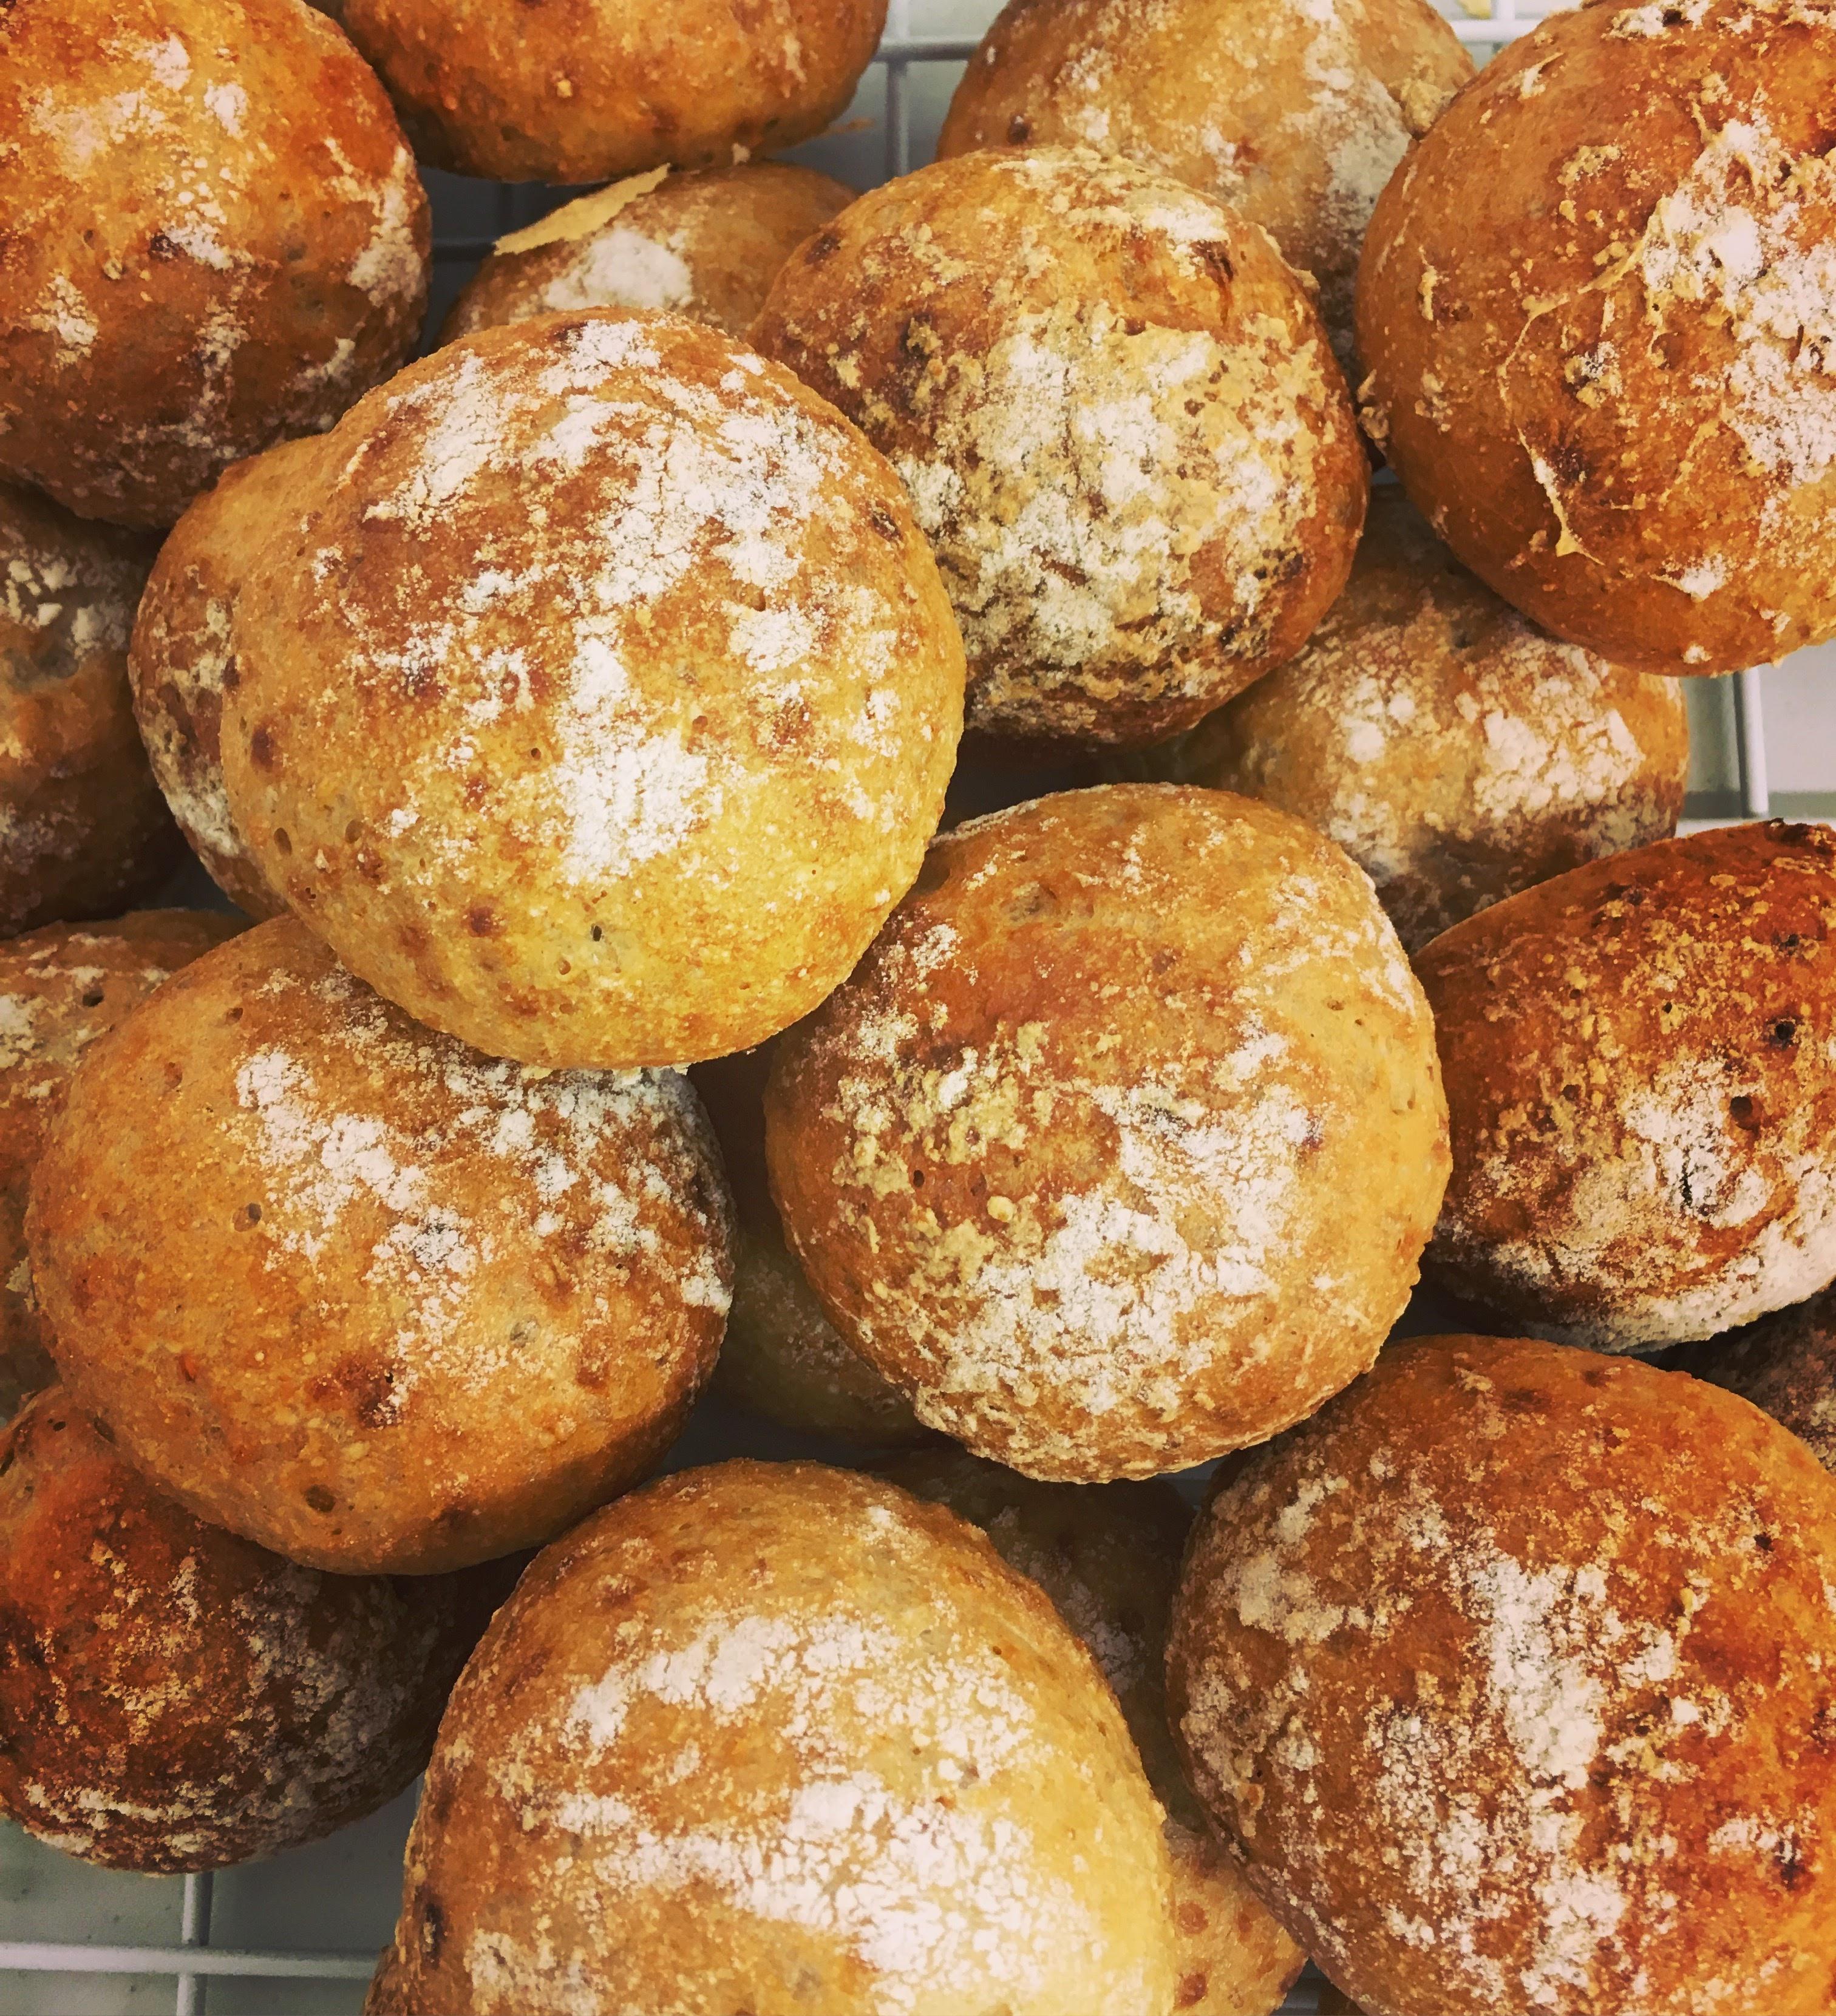 VIVA_Rana's Artisan Bread4